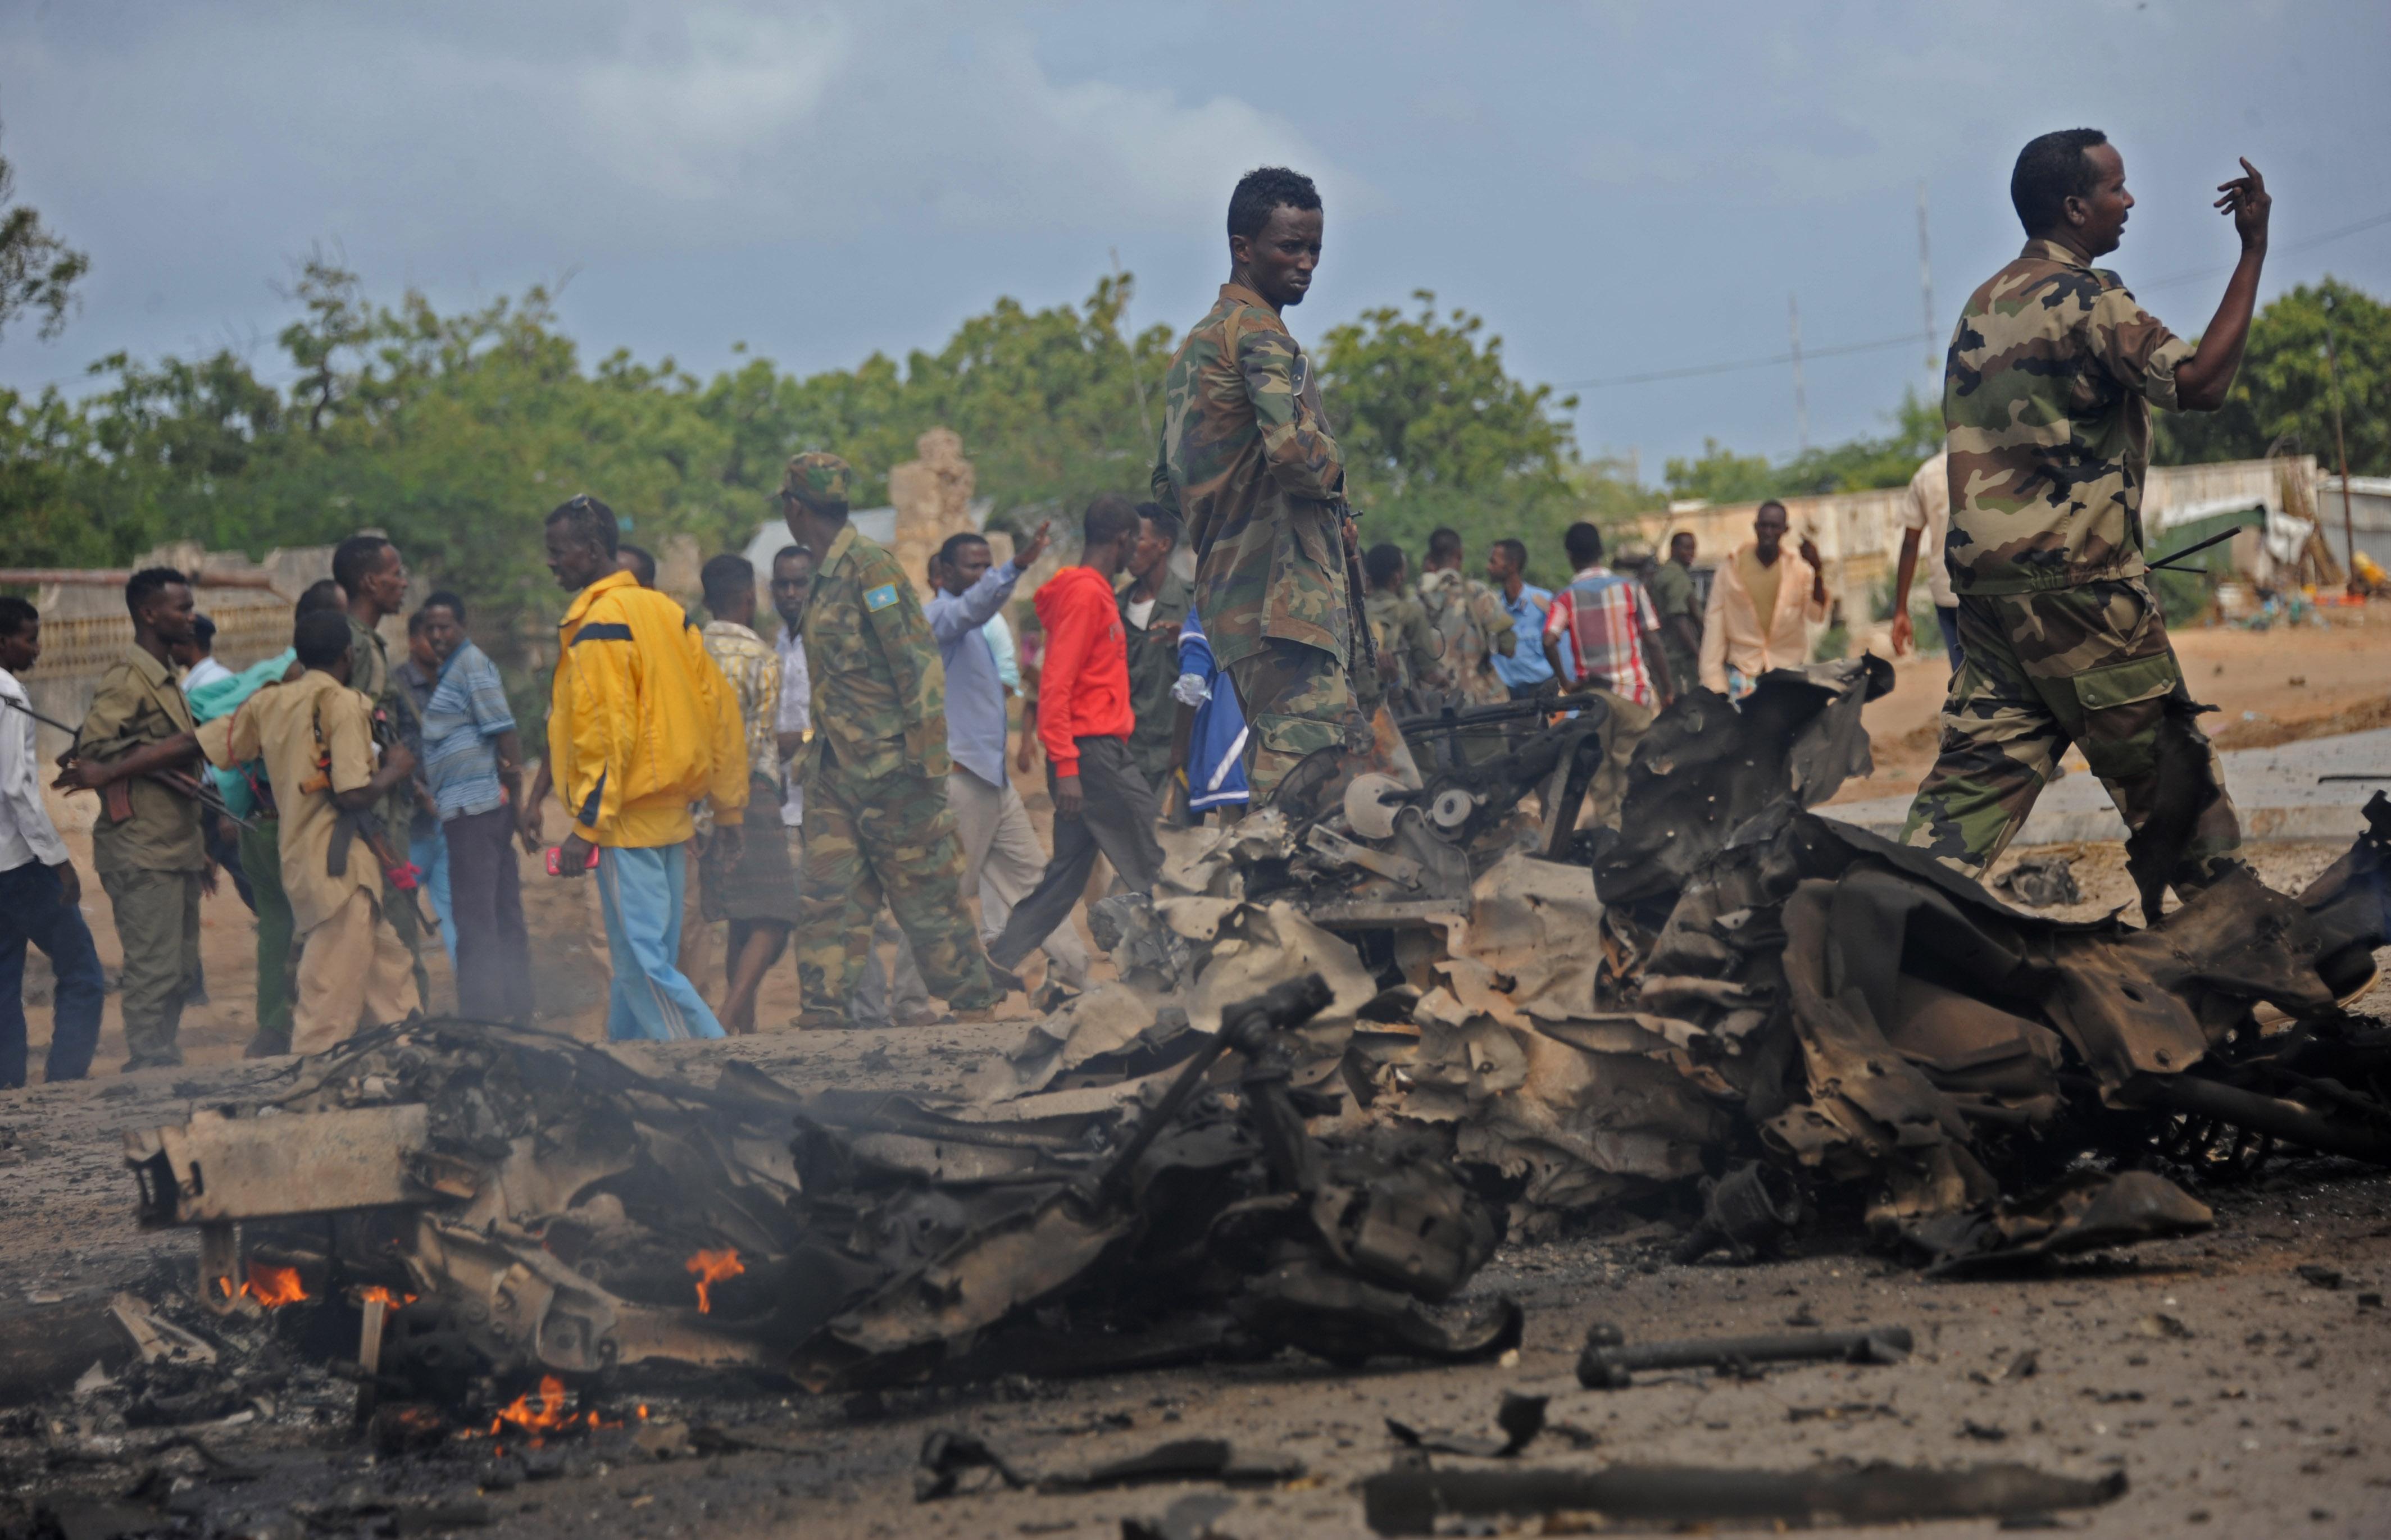 صورة لآثار التفجيرات في الصومال والصورة التقطت قبل يومين